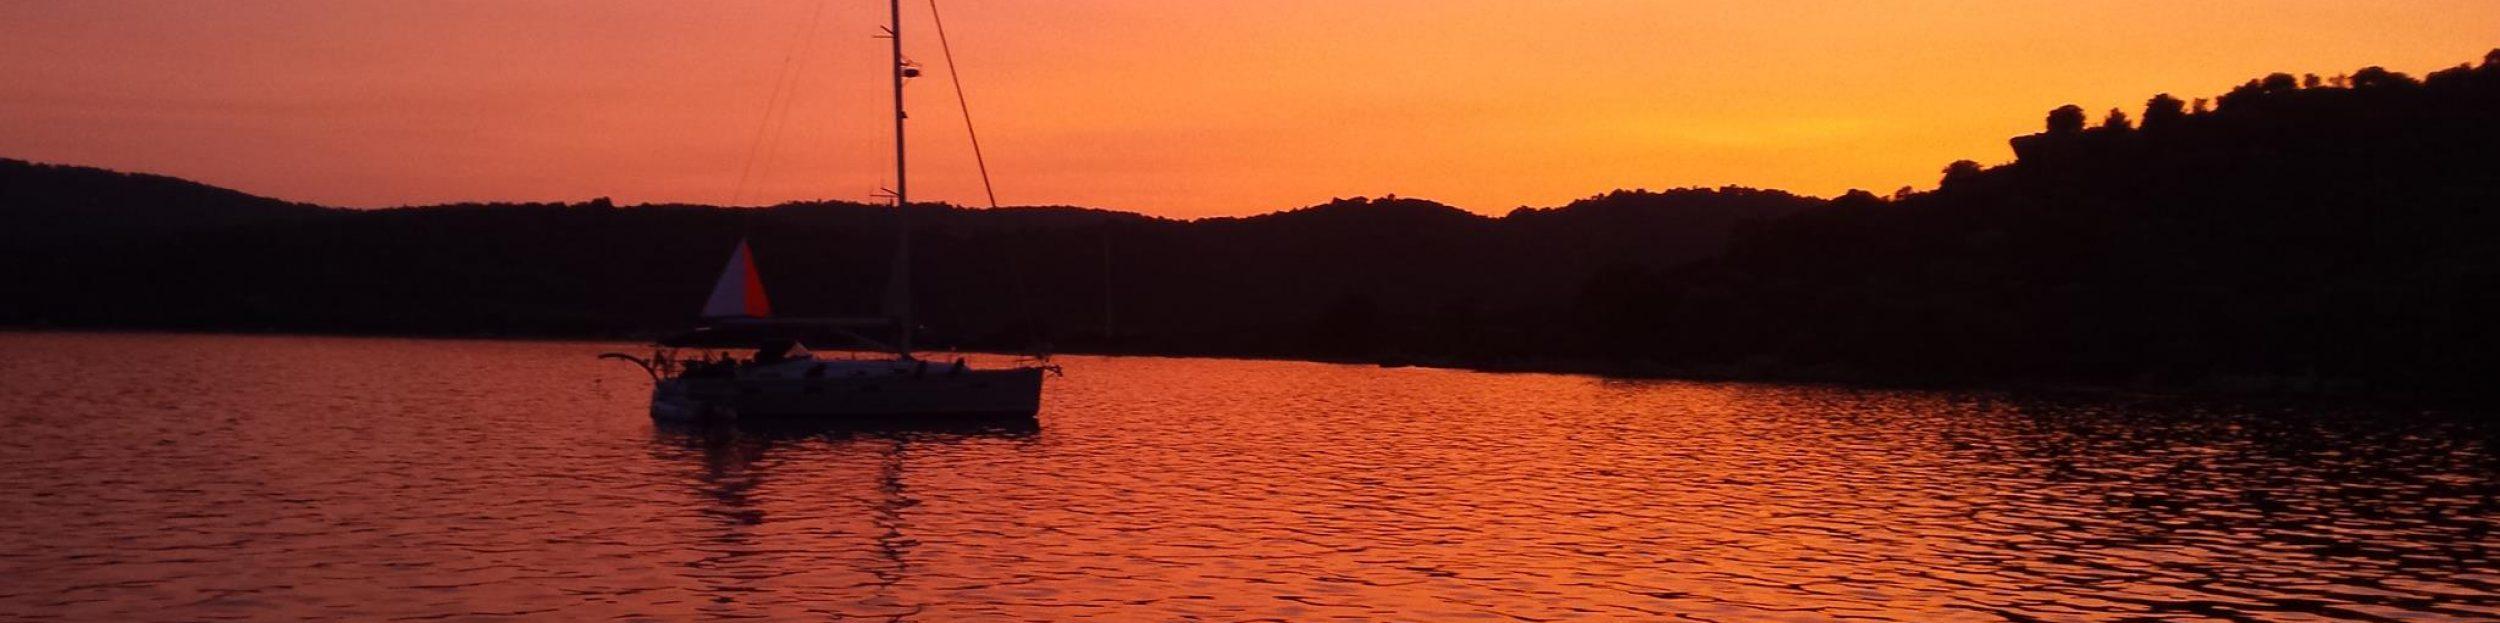 Sailing SY Liberation